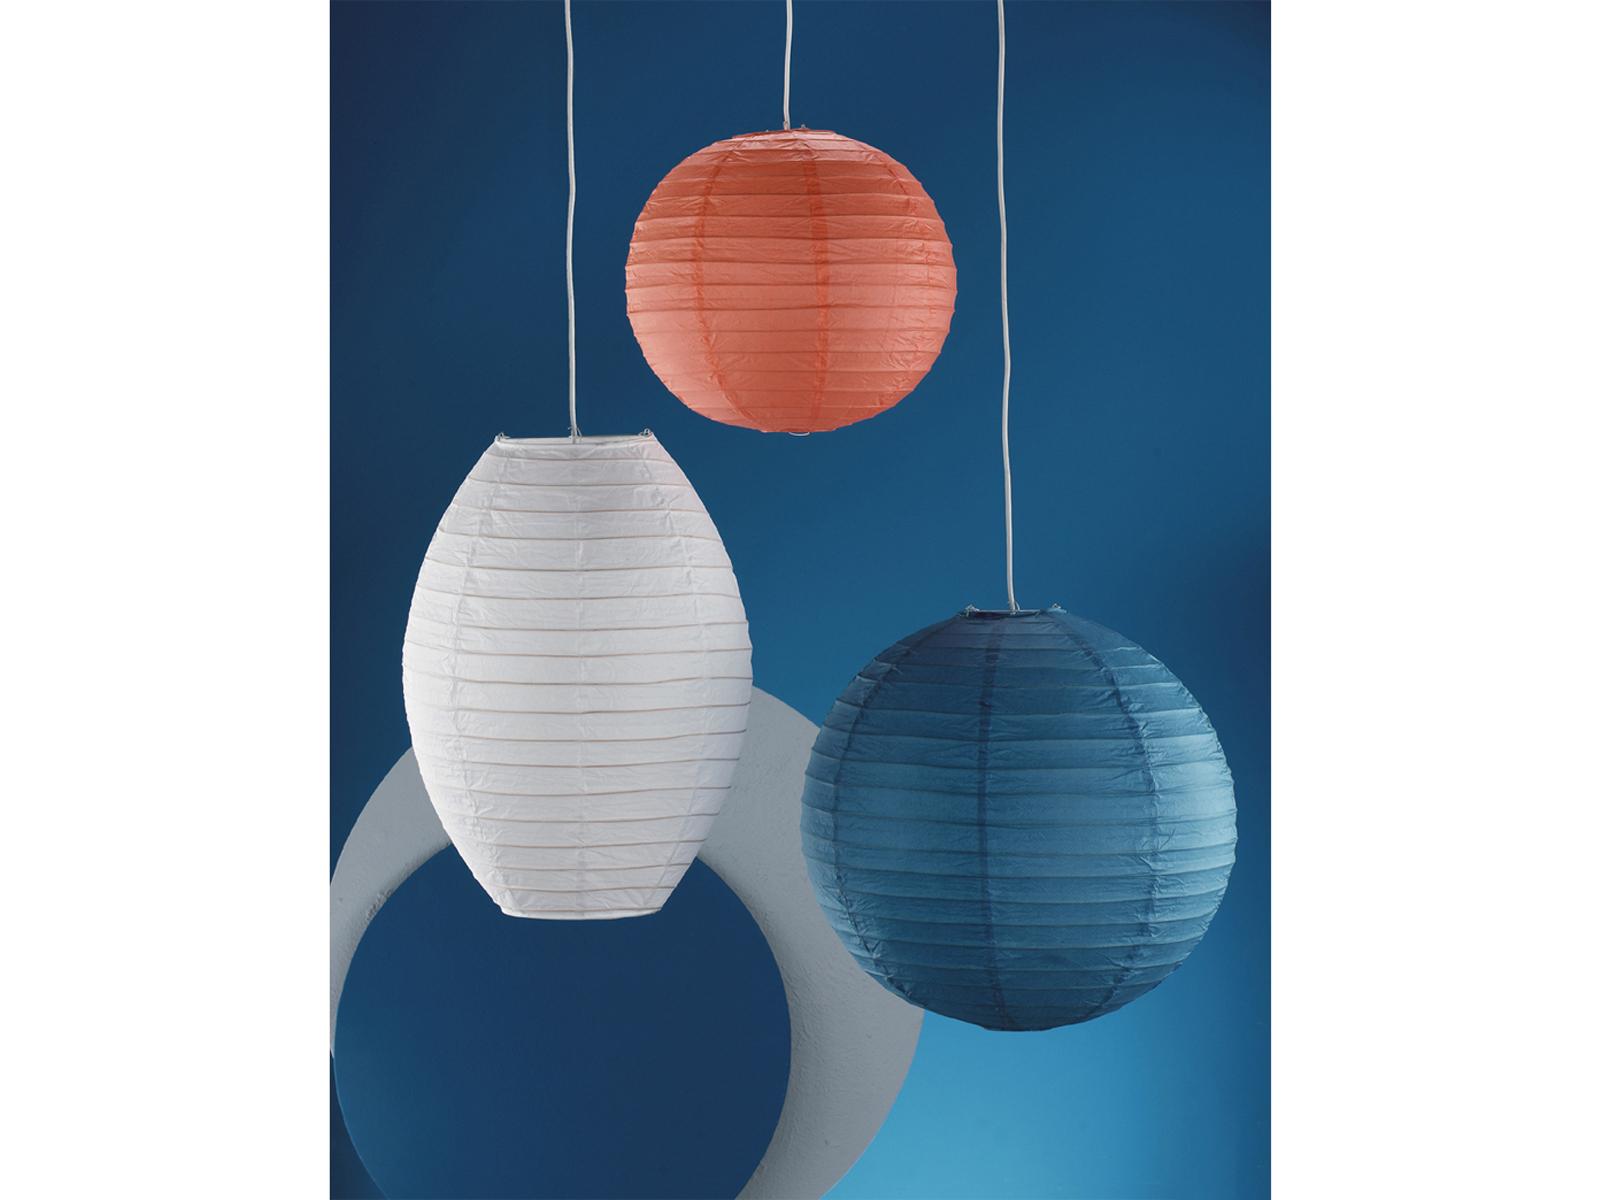 Pendelleuchte Lampion Trio Lampenschirm Japan-Kugel PAPER Papier blau Ø 40cm